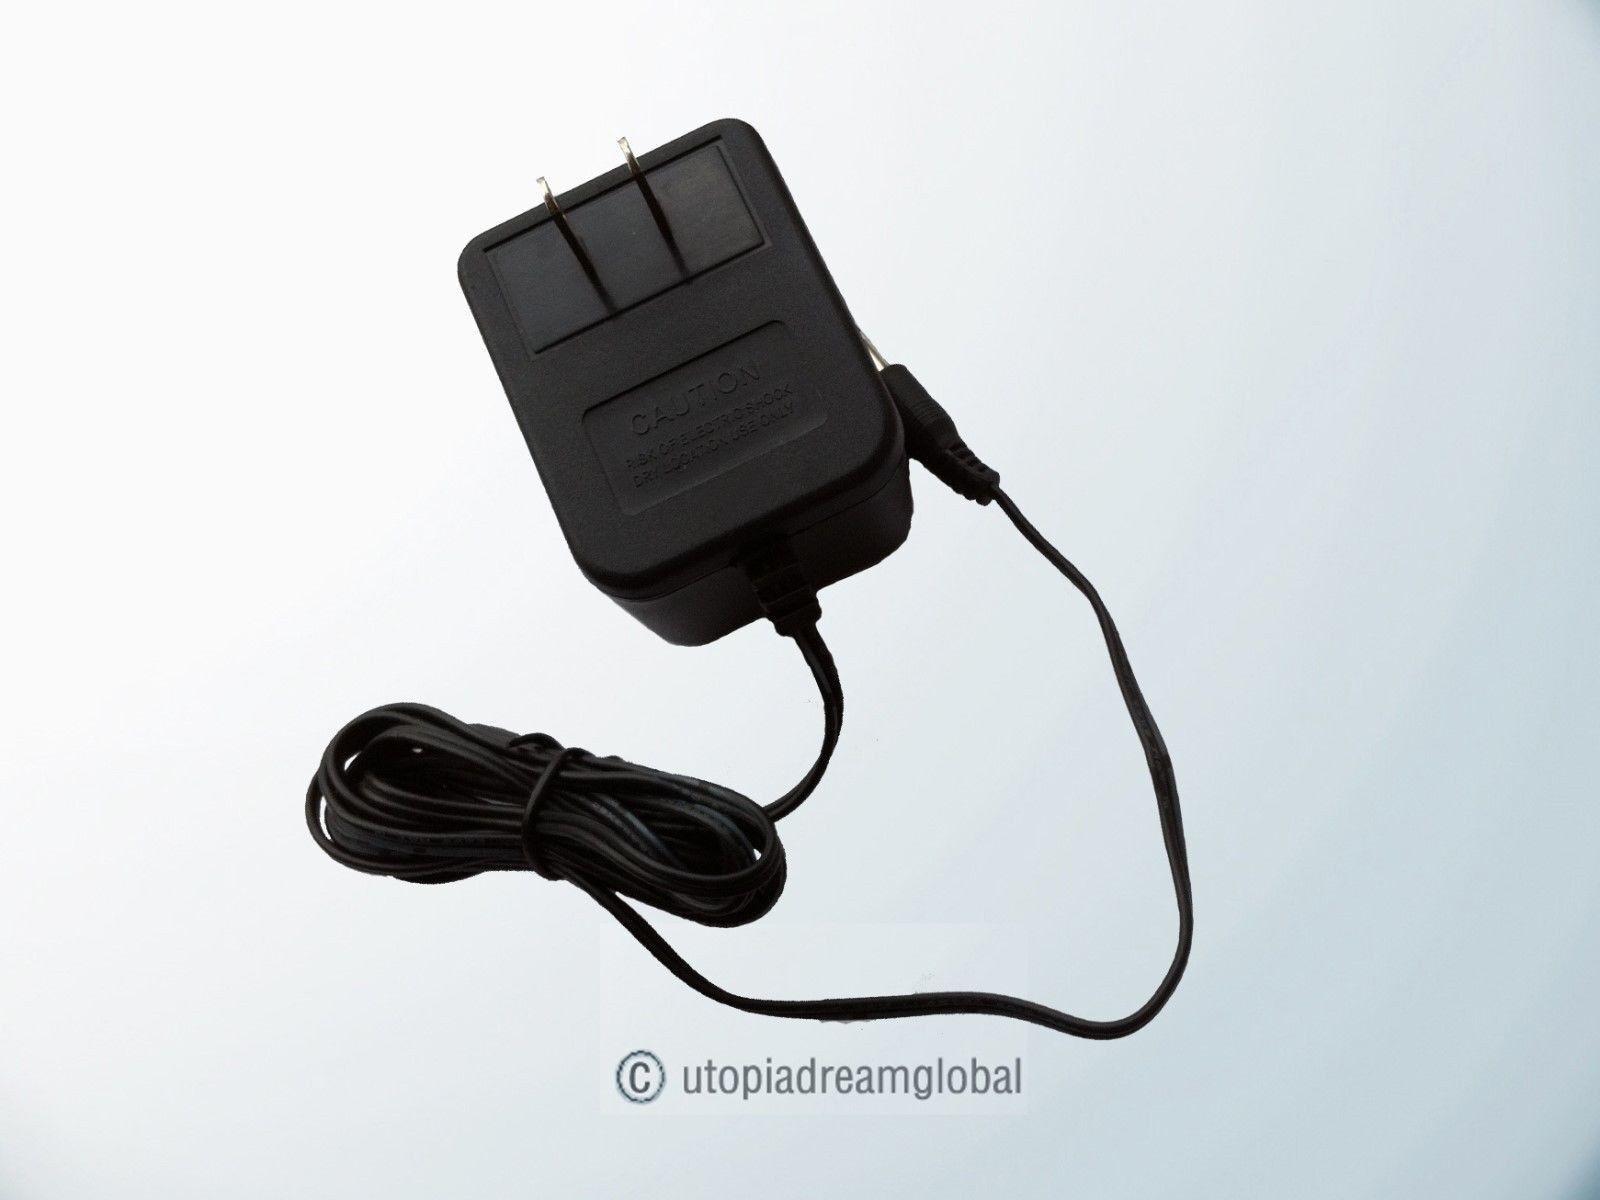 9V Netzteil Ladegerät für Numark iM1 Mixer